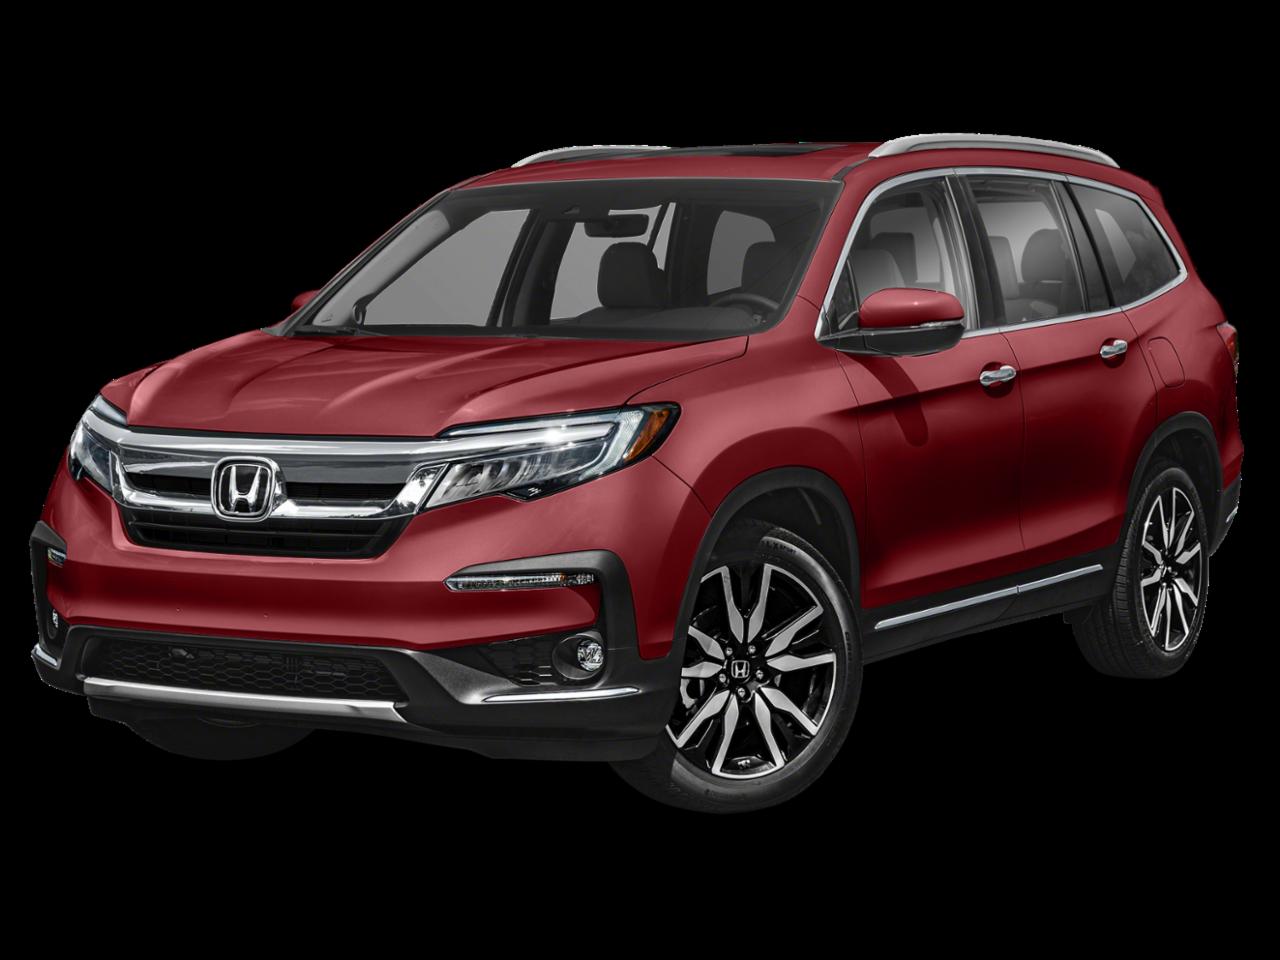 Honda 2019 Pilot LX